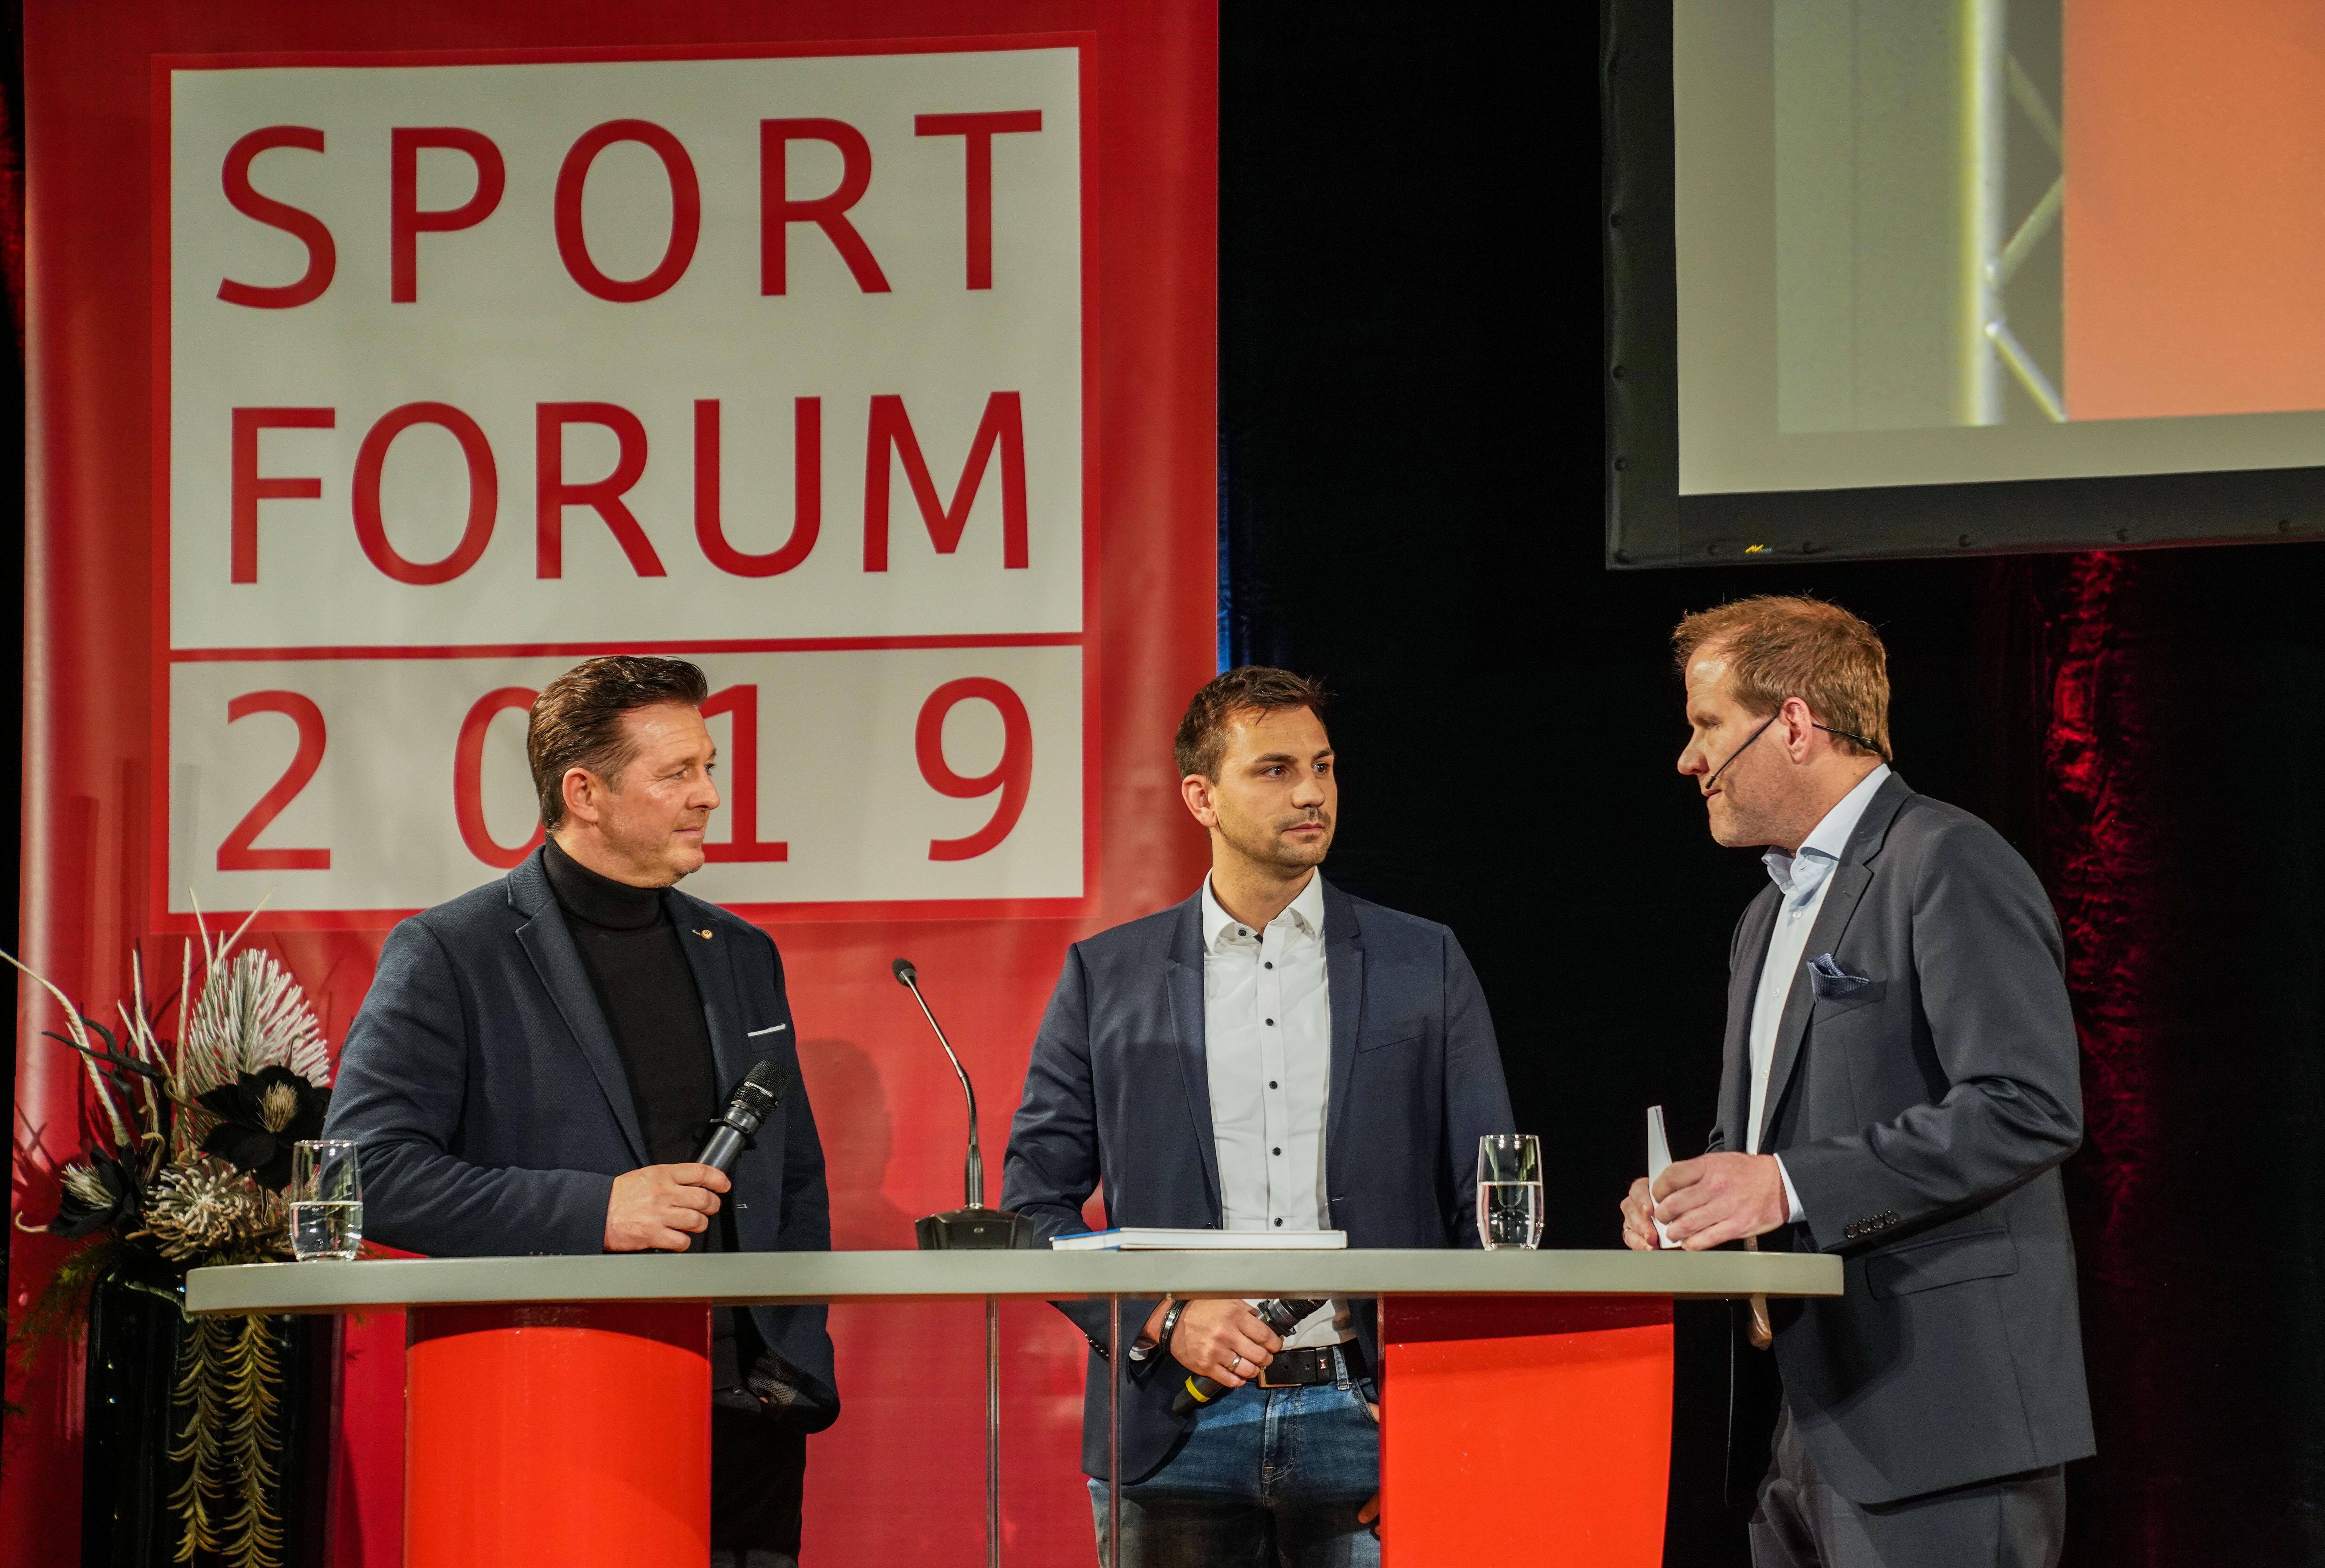 Christian Titz und Jörn Nowak referierten beim Essener Sportforum.